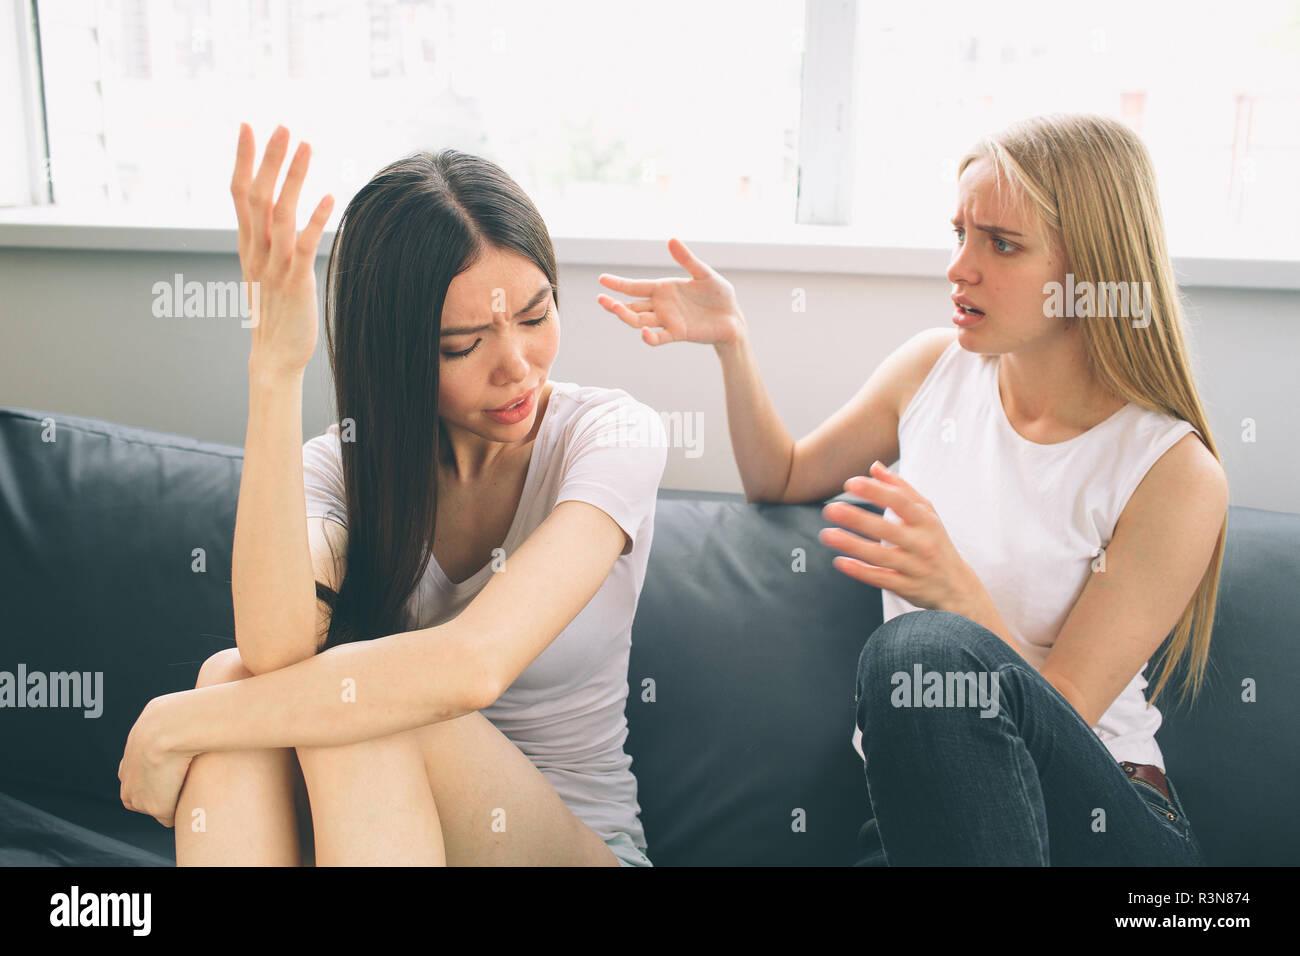 girls quarrel. Women talking loudly about something - Stock Image